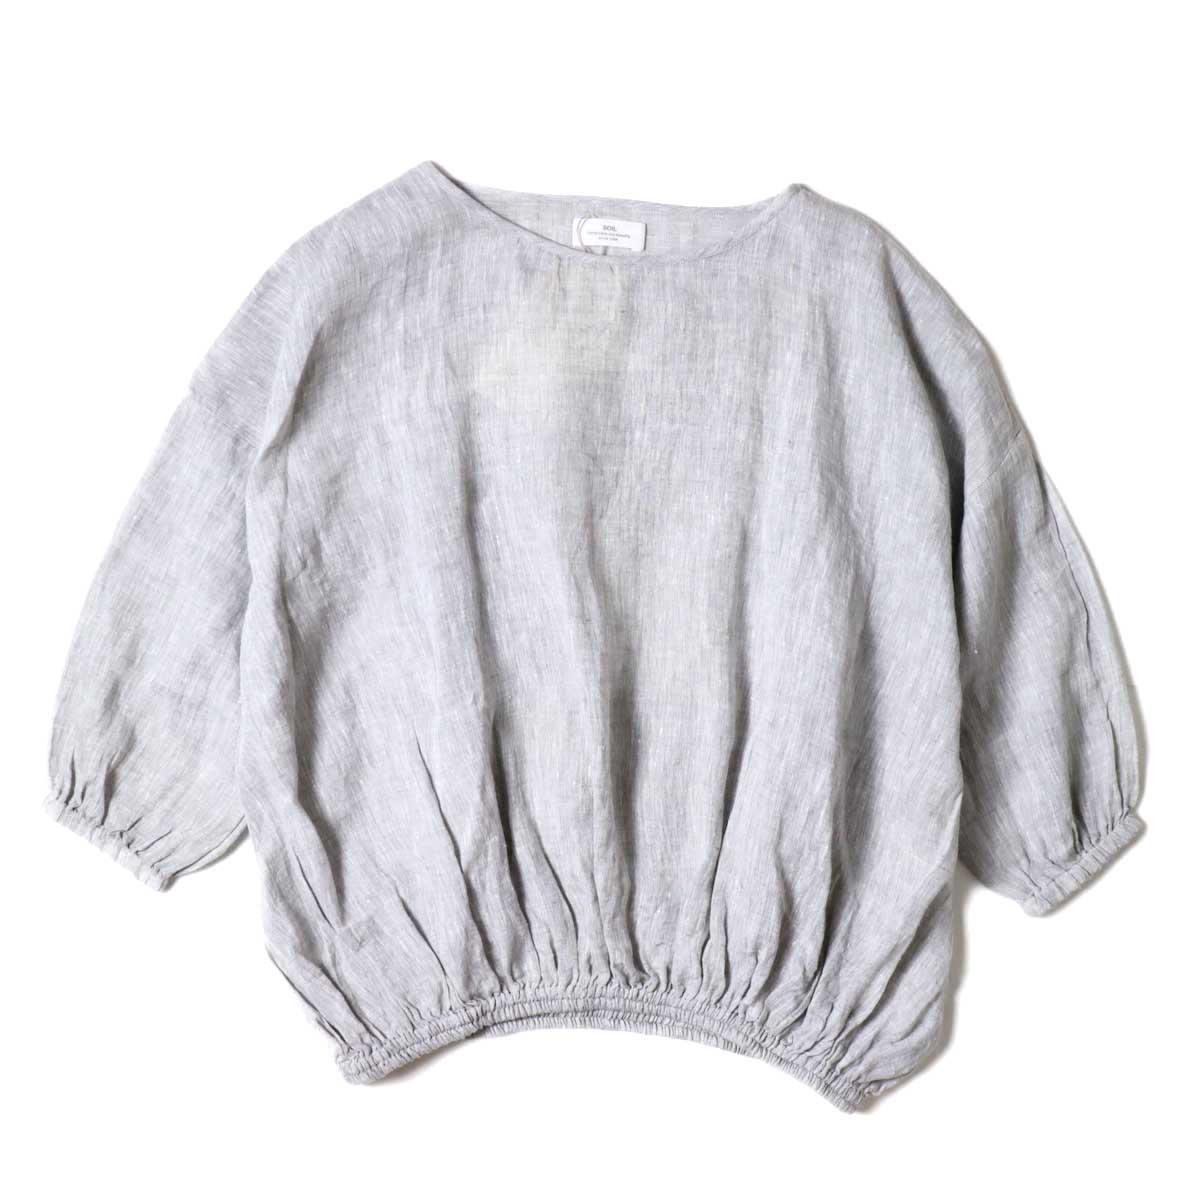 SOIL / GATHERED SMOCK (Grey)